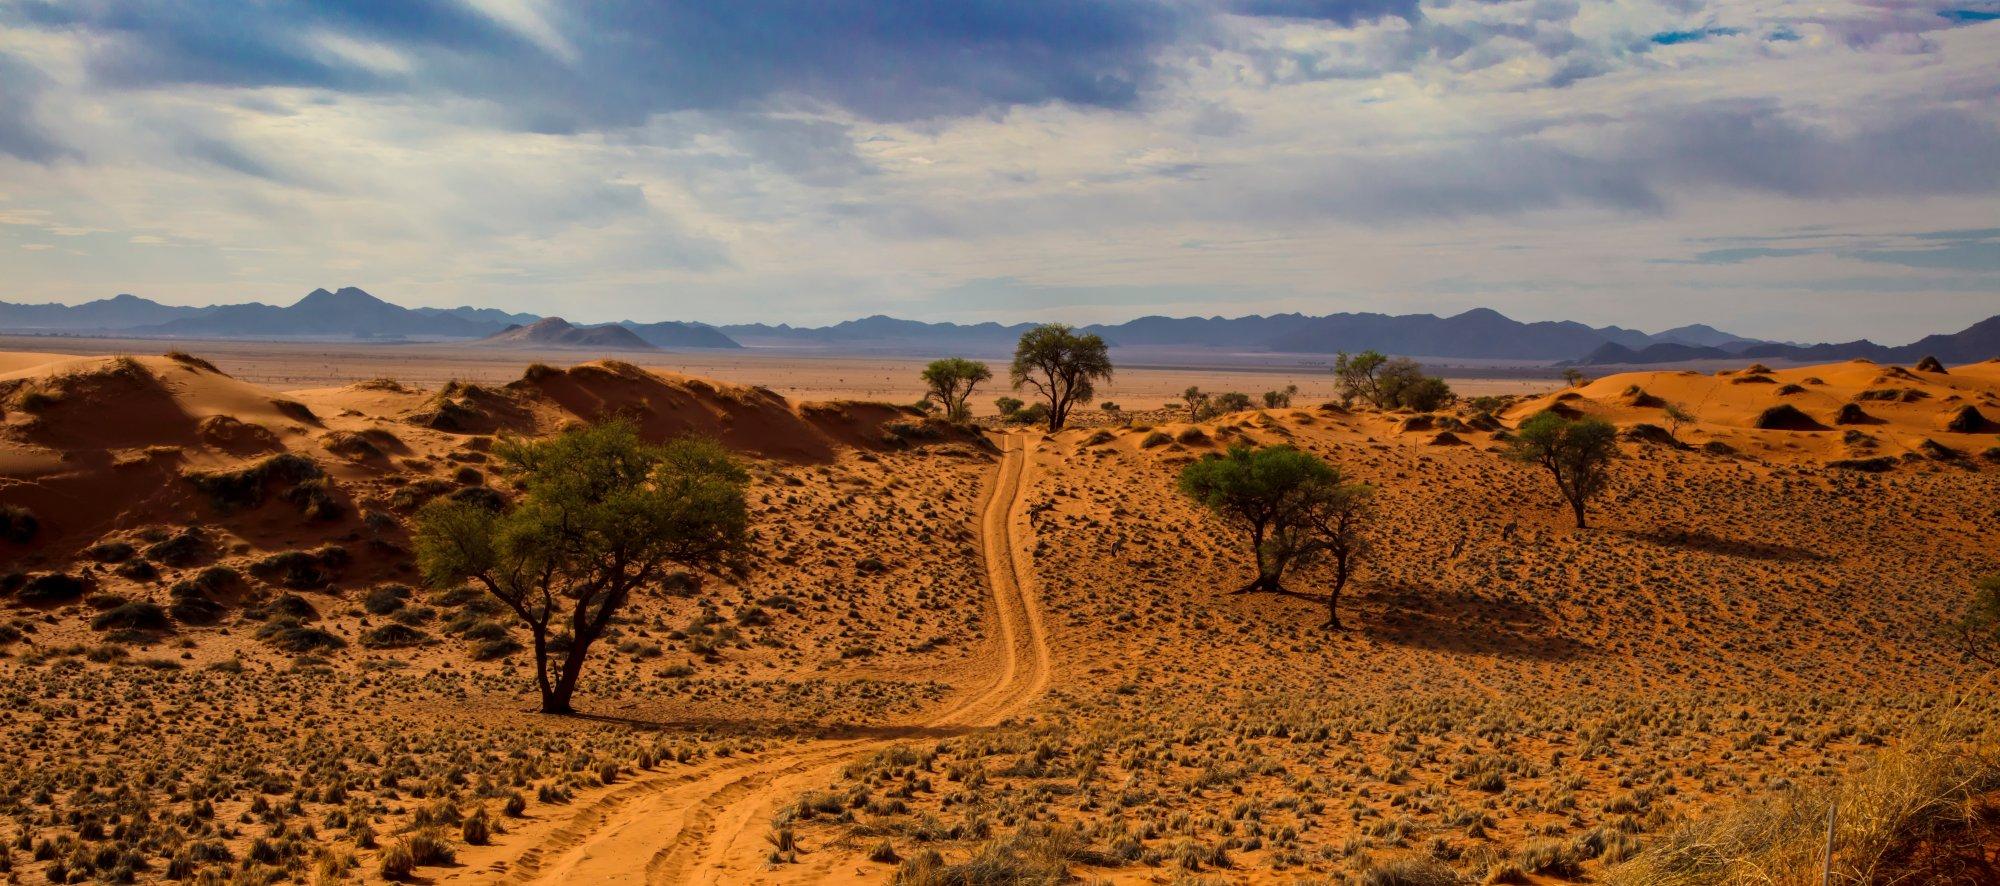 Unbefestigte Piste durch die Wüstenlandschaft